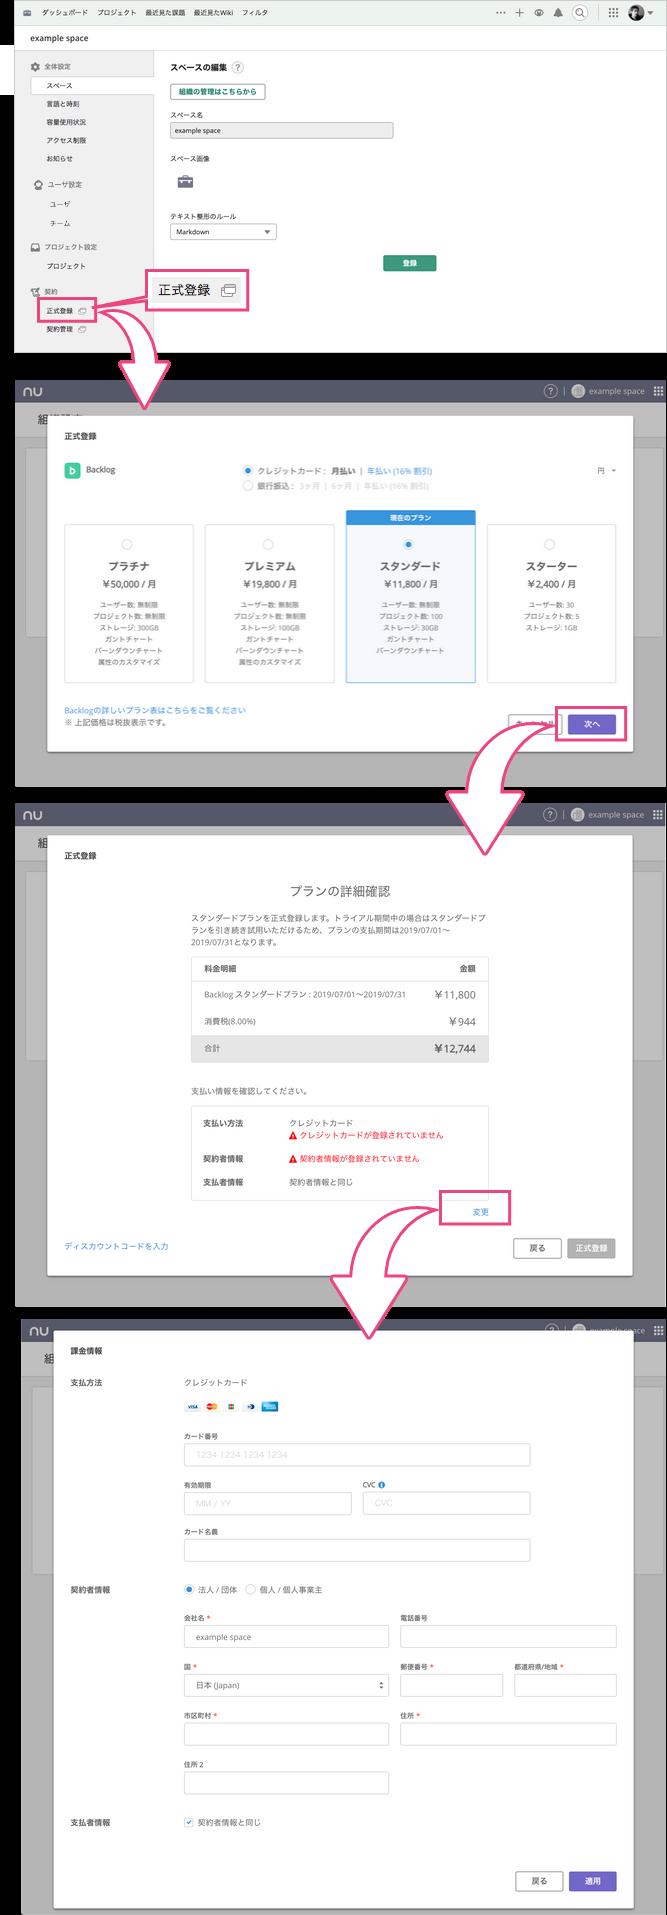 正式登録 | プロジェクト管理ツールBacklog